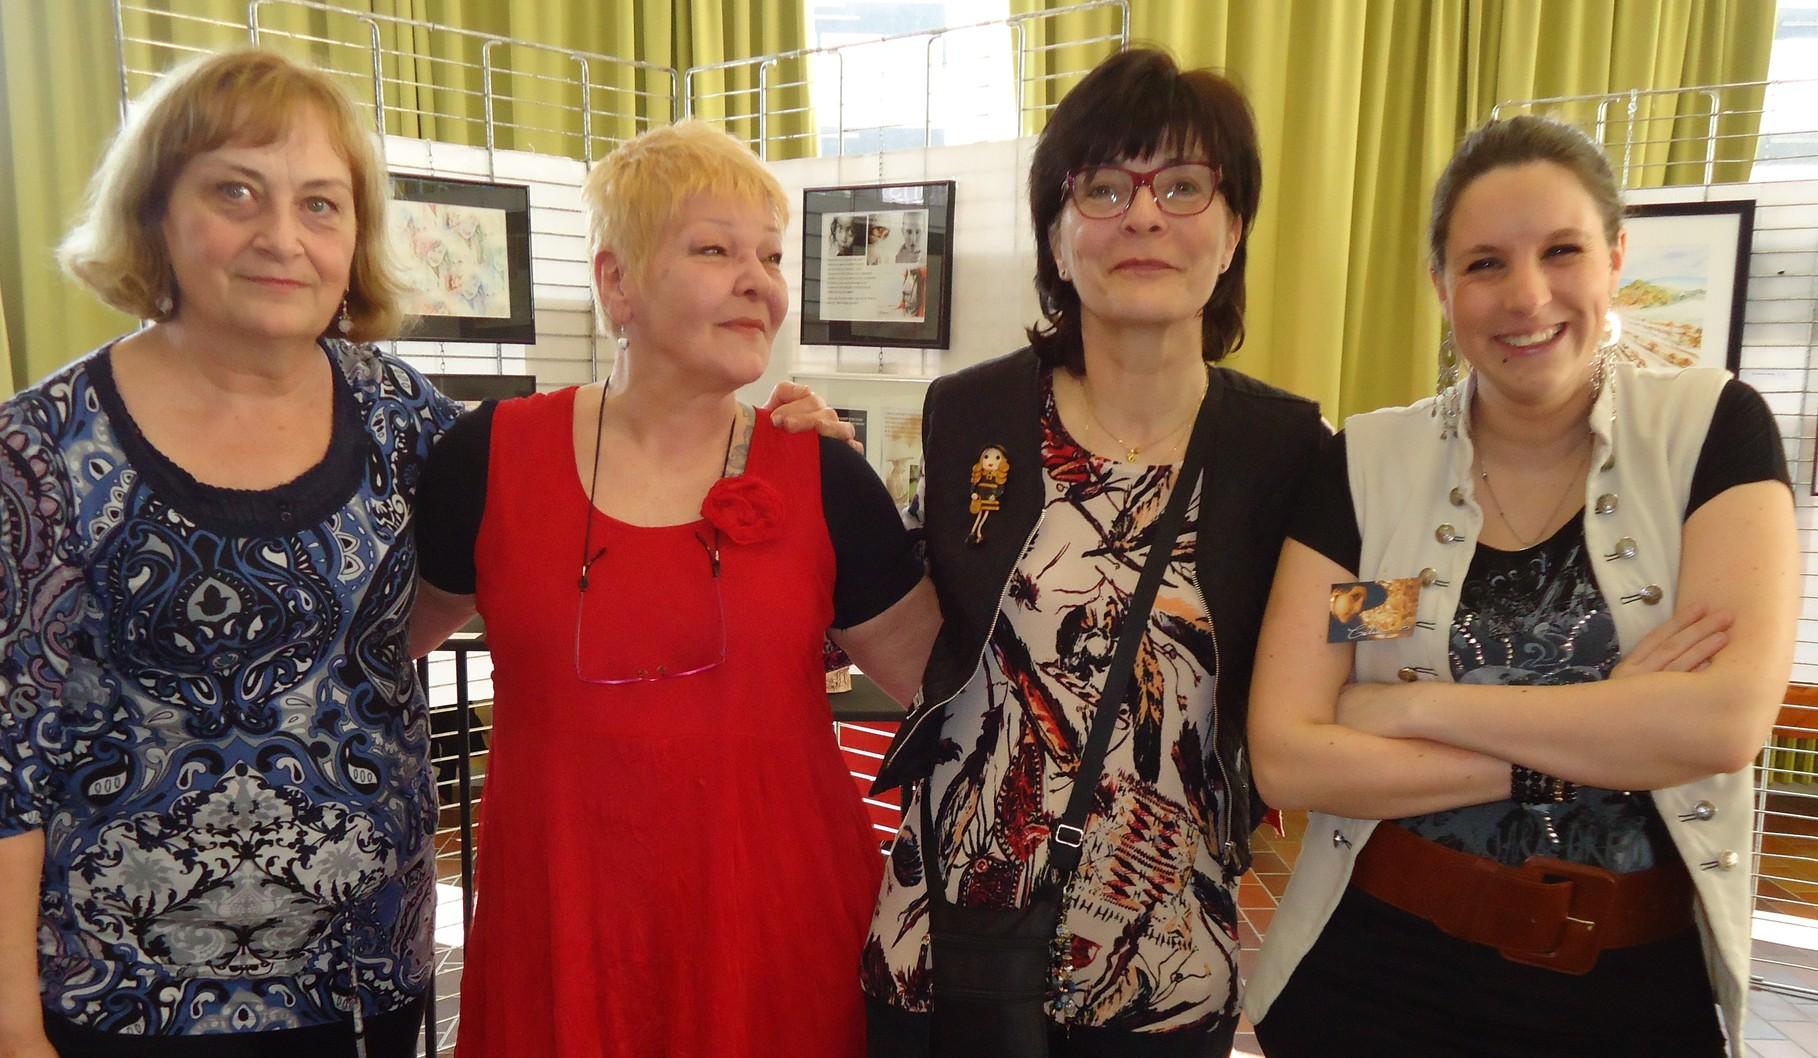 Dominique Petit, Annie  Malengreau, moi et Célia Barbiot - Mons - Belgique